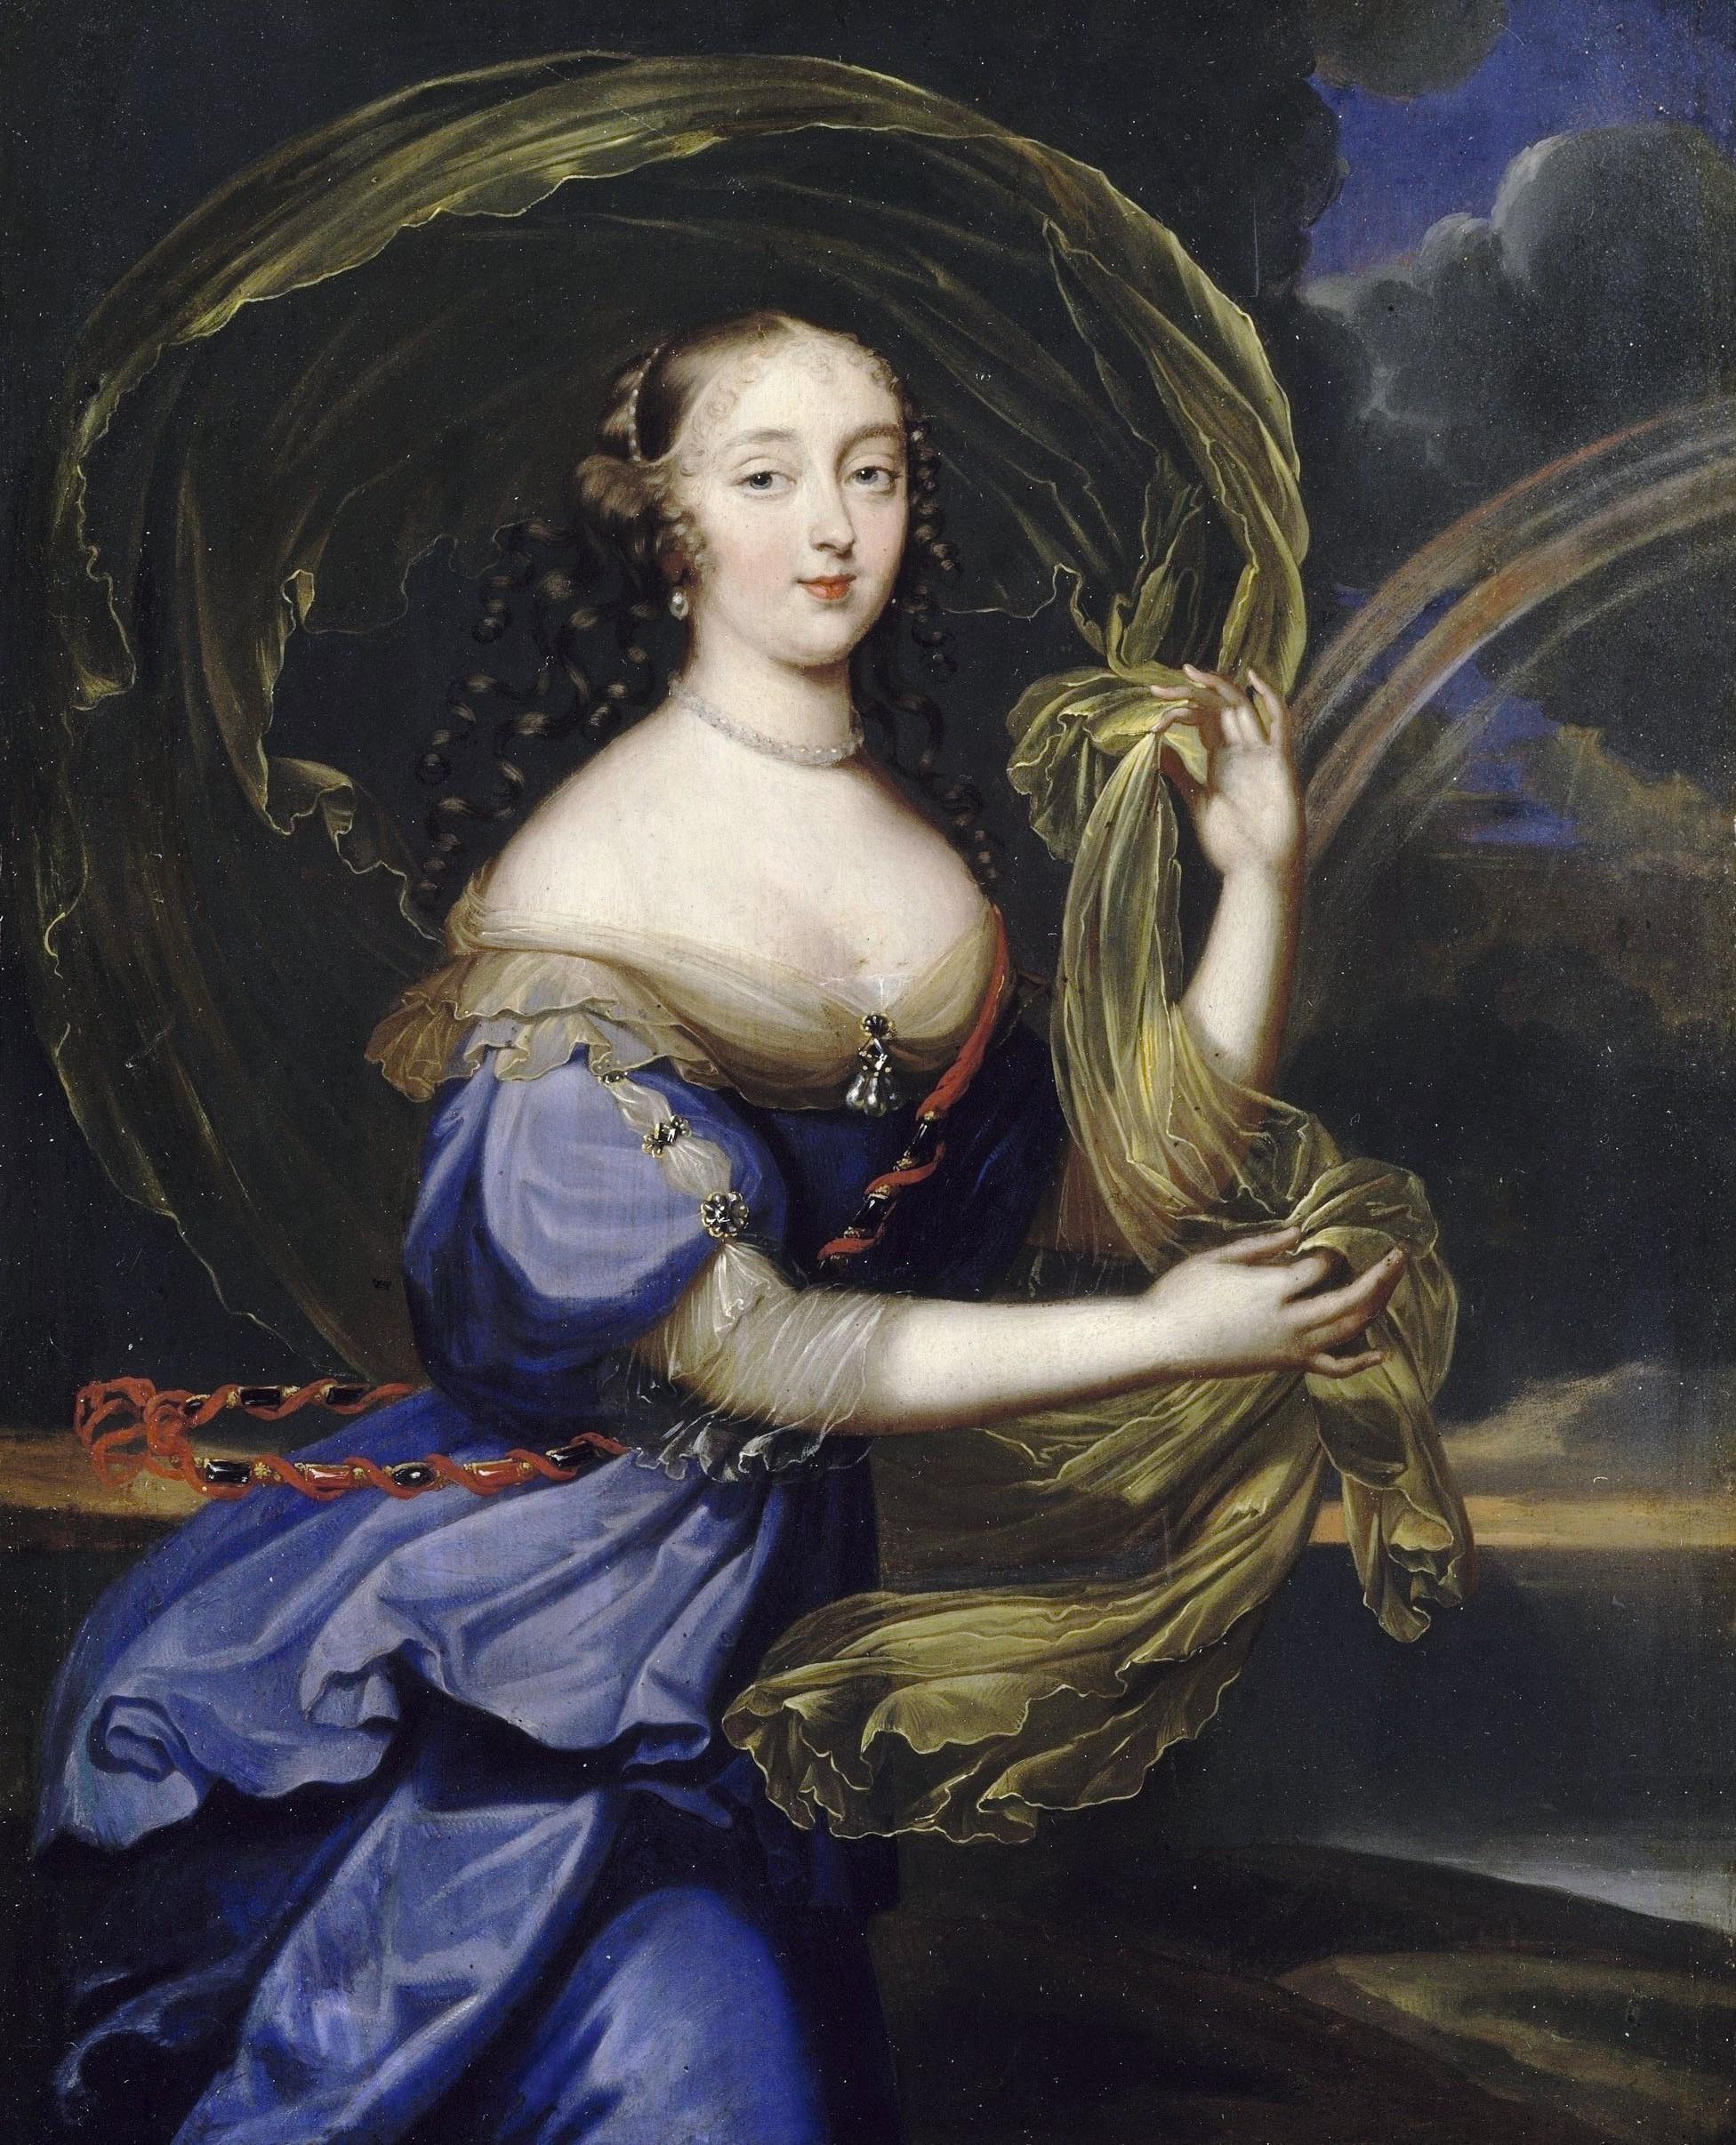 Anonyme, Françoise-Athénaïs de Rochechouart, marquise de Montespan représentée en Iris, 2e moitié du XVIIe siècle, huile sur cuivre, château de Versailles.